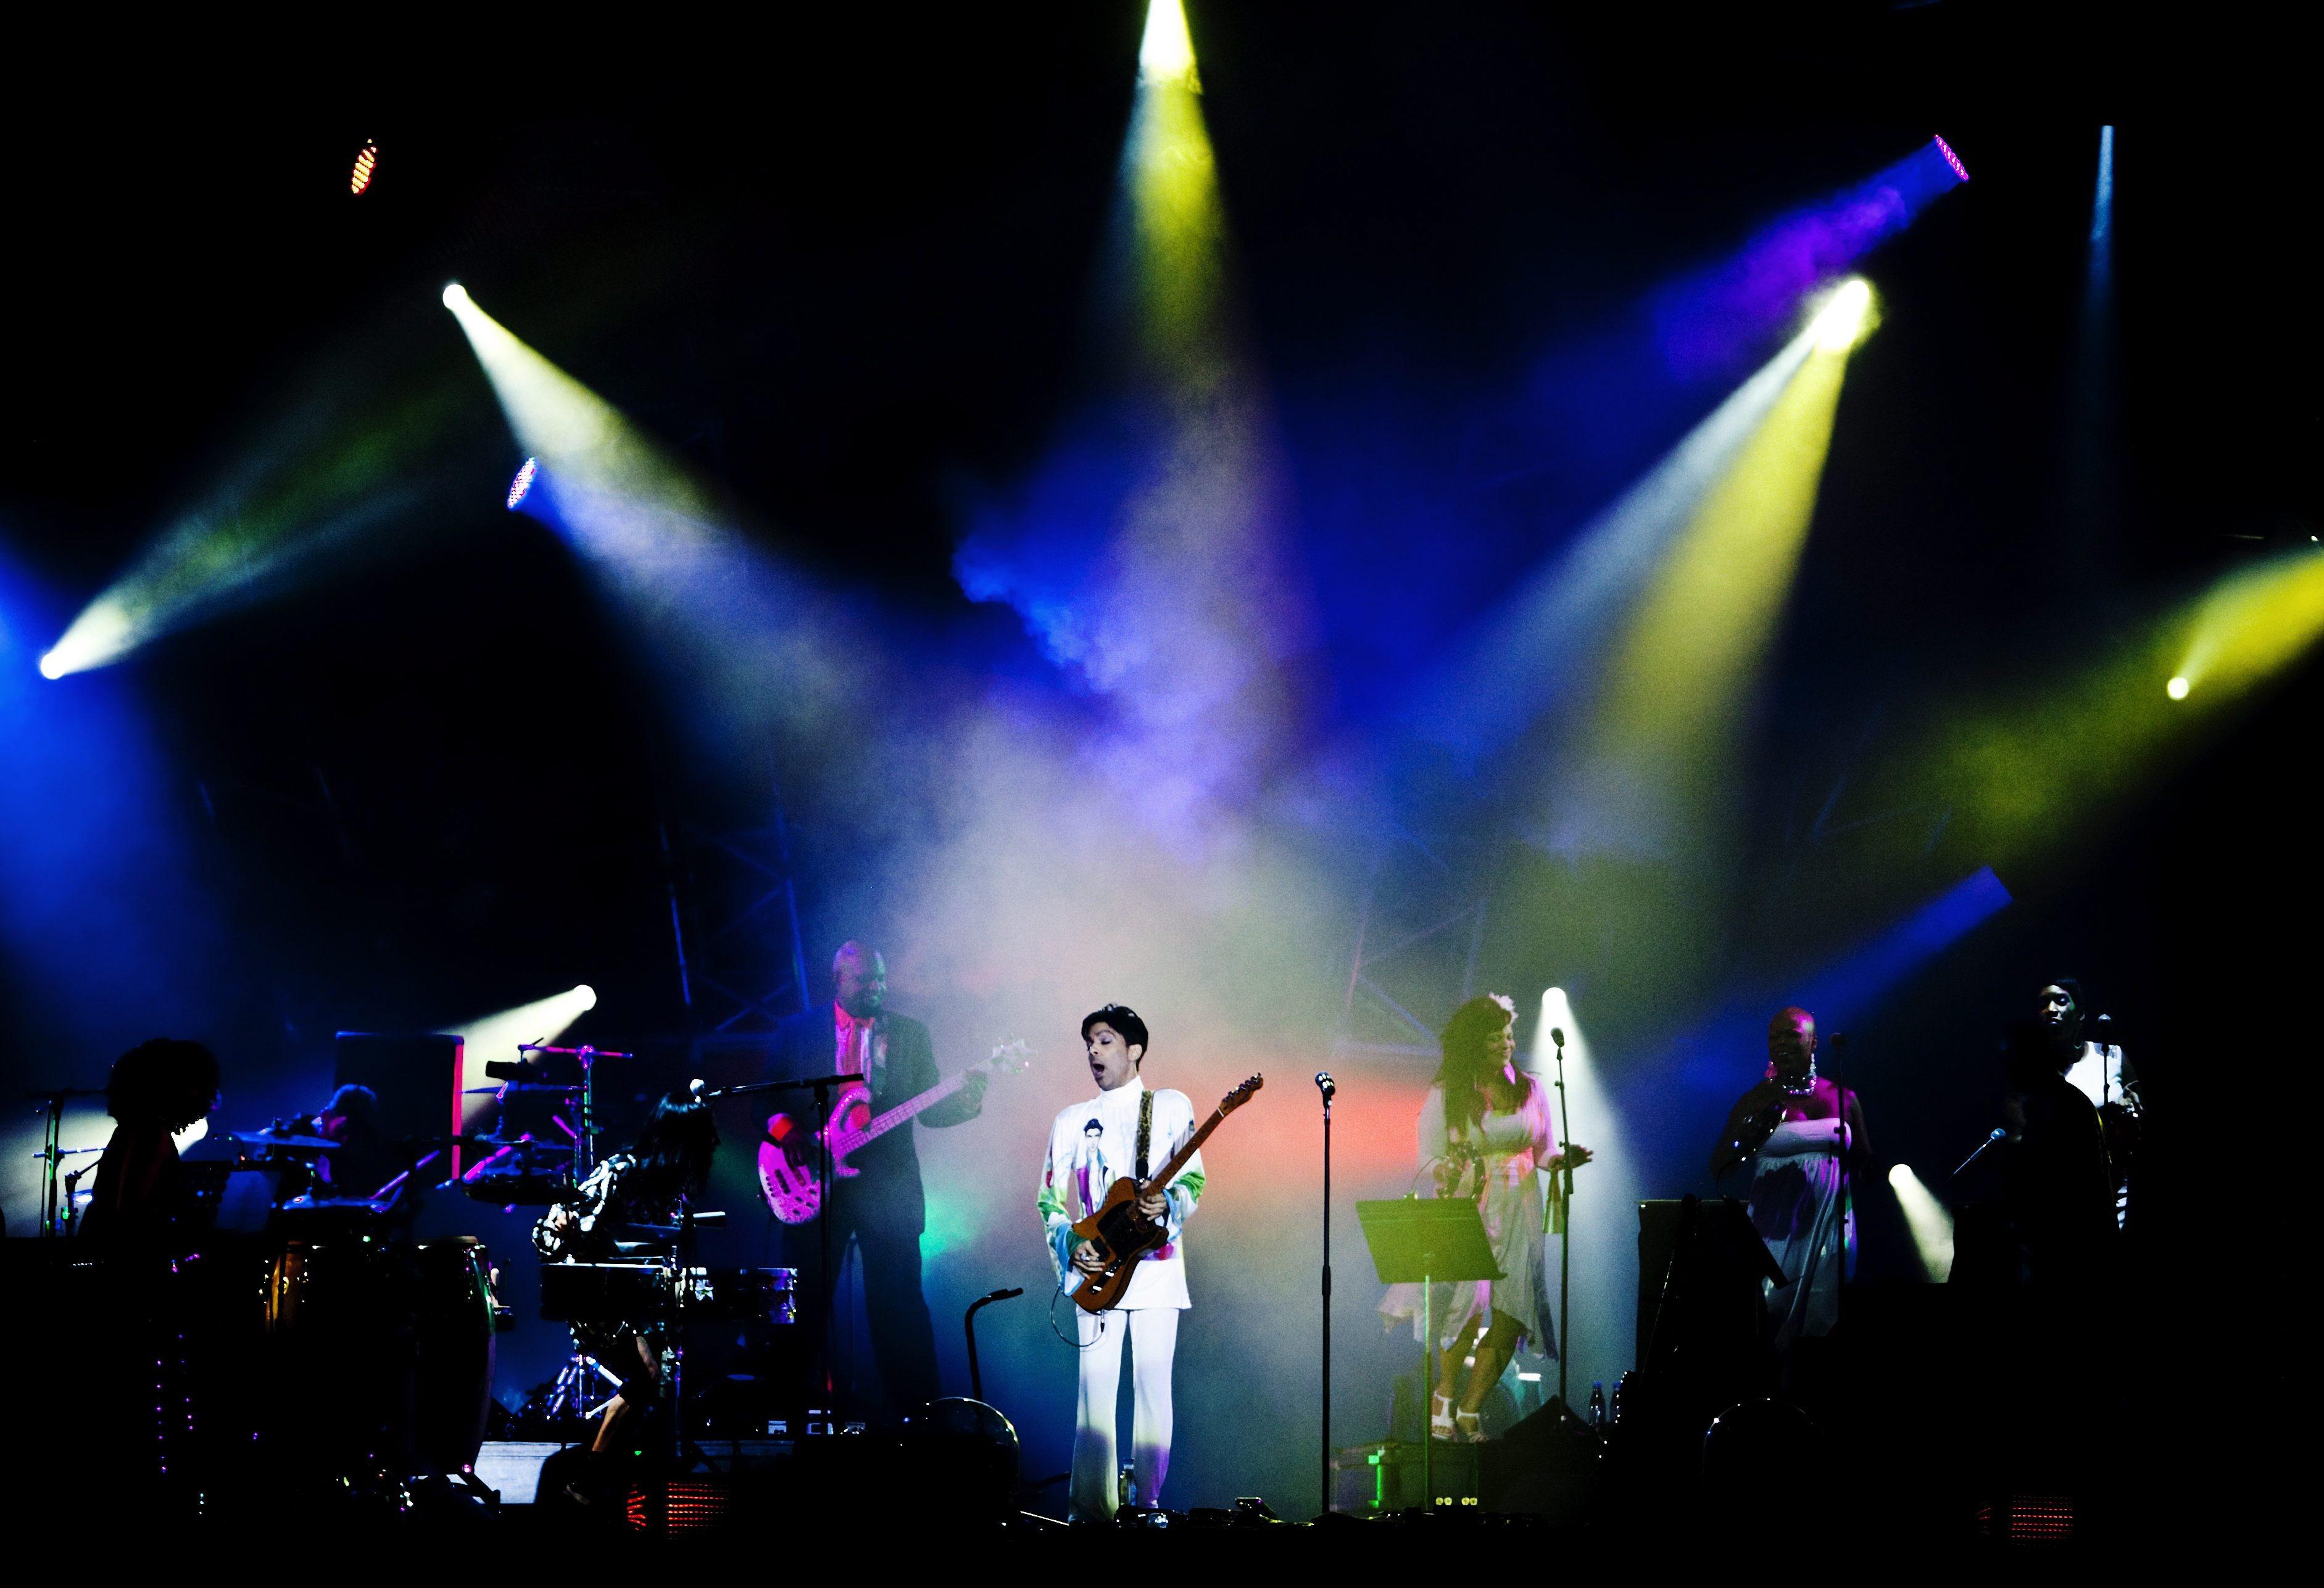 Álbum com inéditos de Prince é editado em setembro